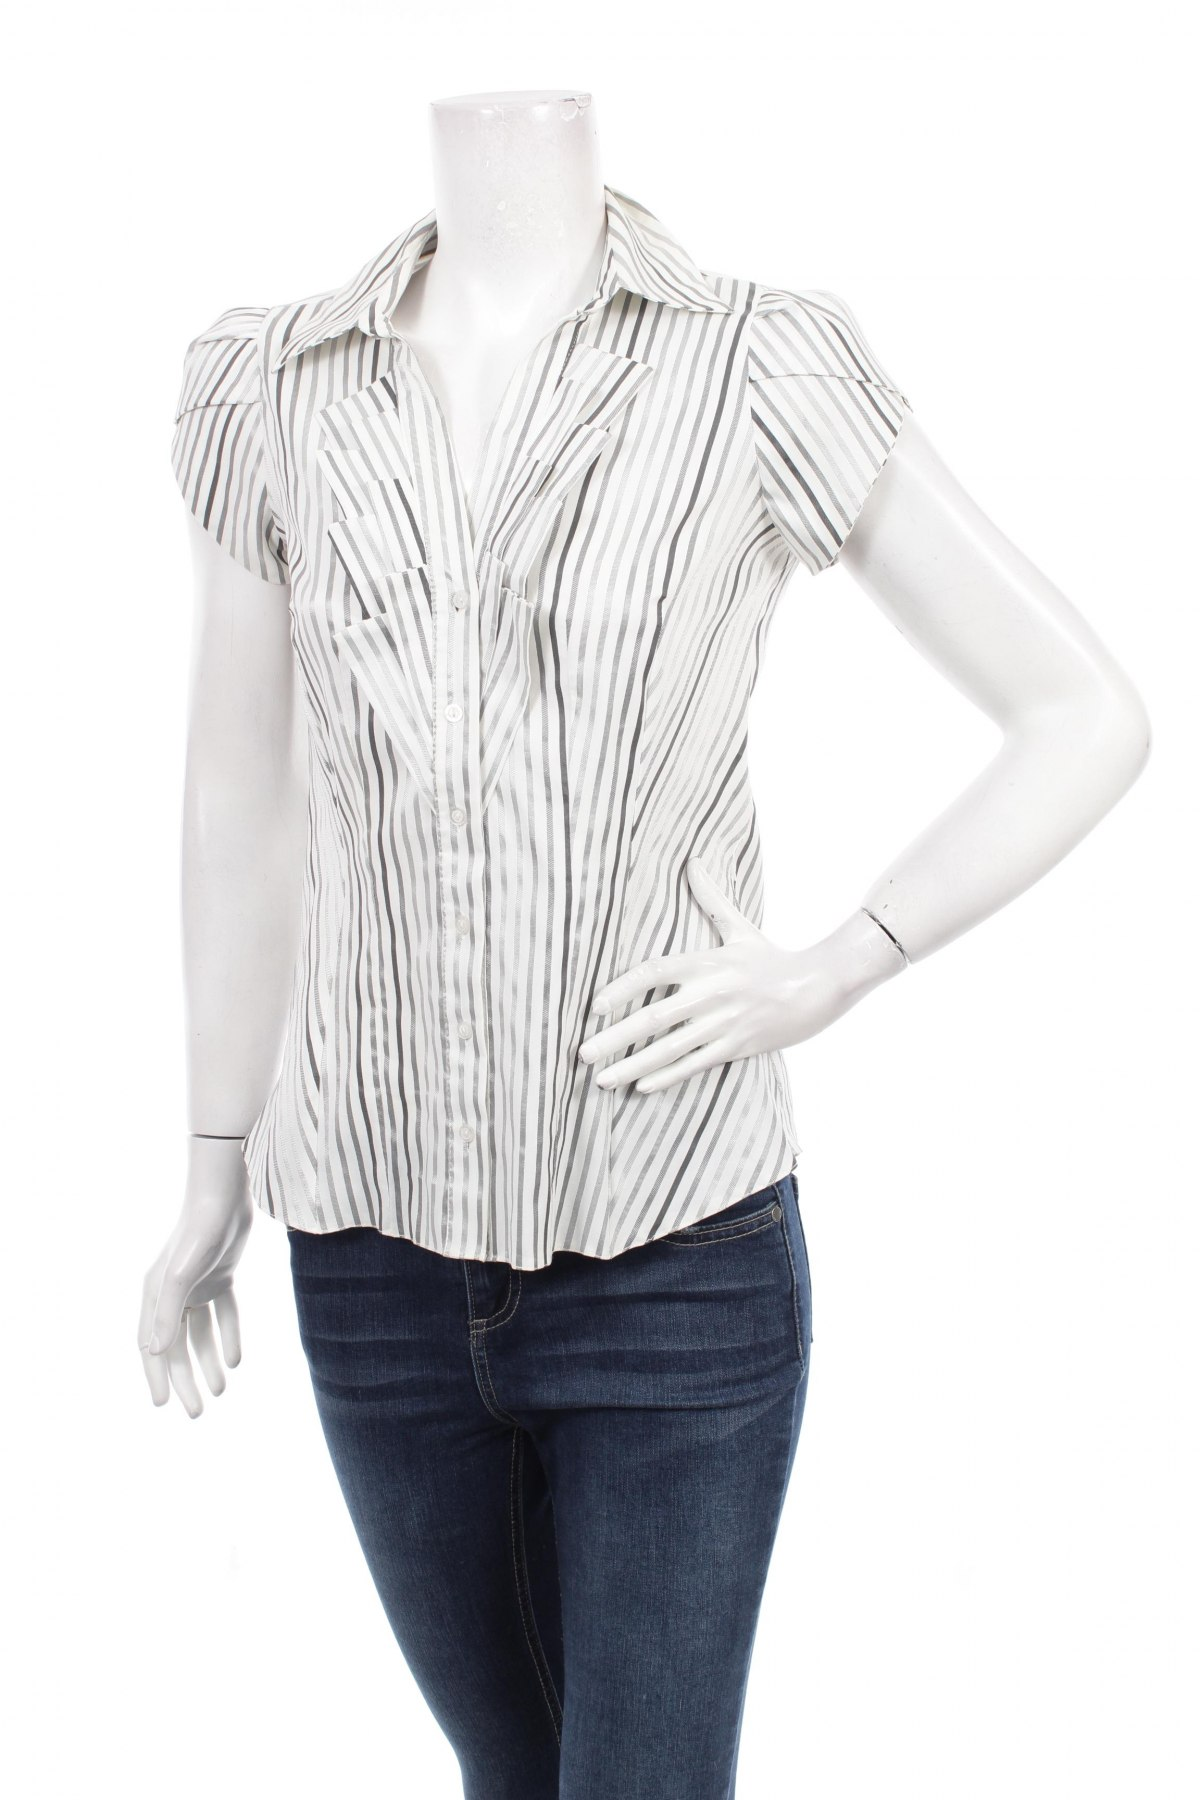 Γυναικείο πουκάμισο K&d